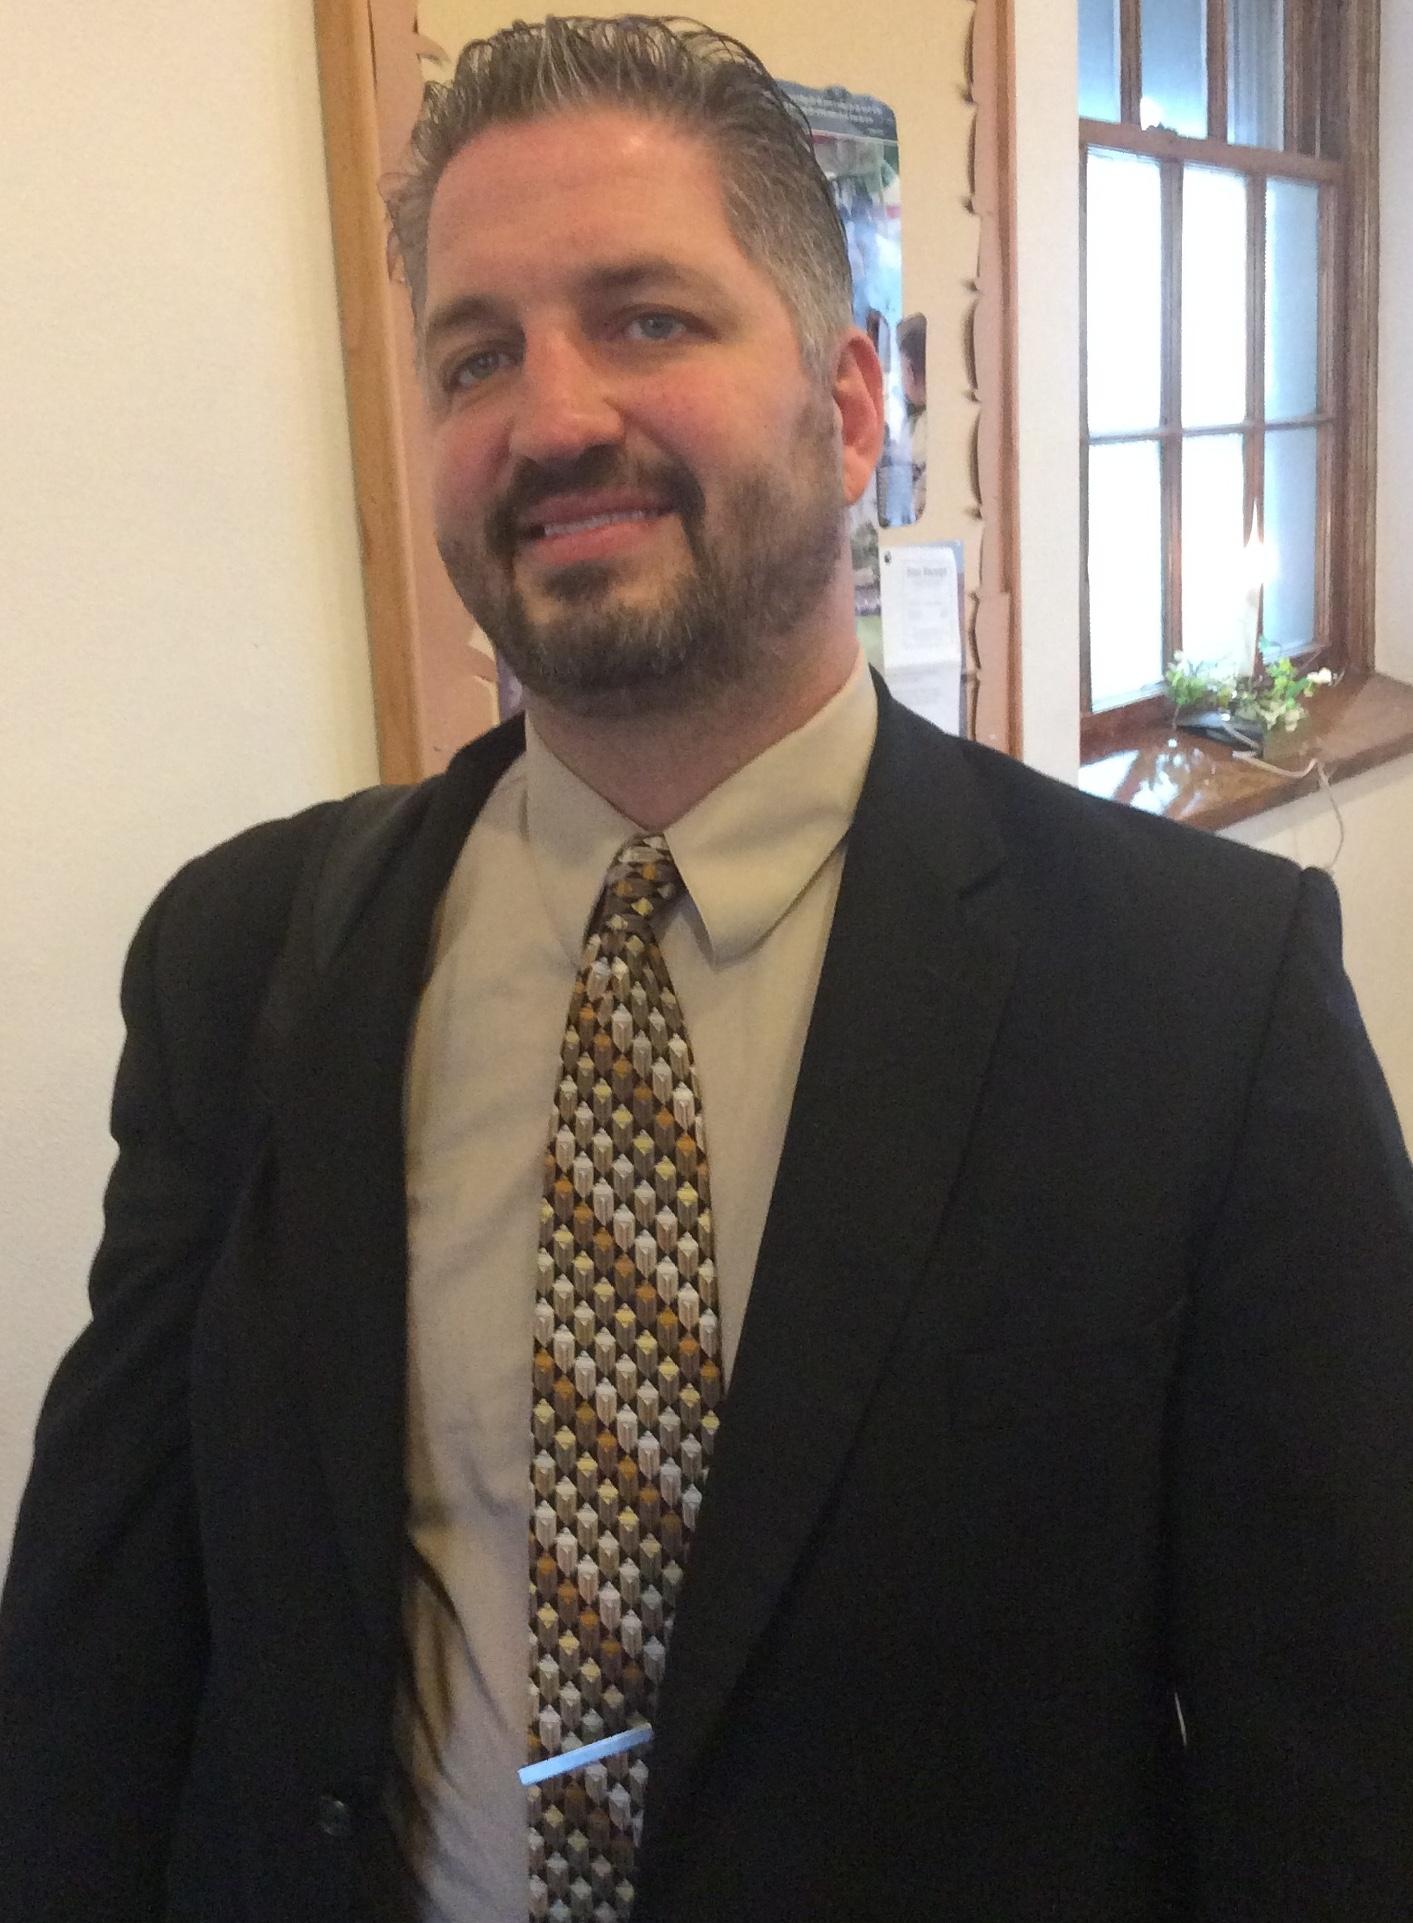 Picture of Deacon Chris DelGiorno